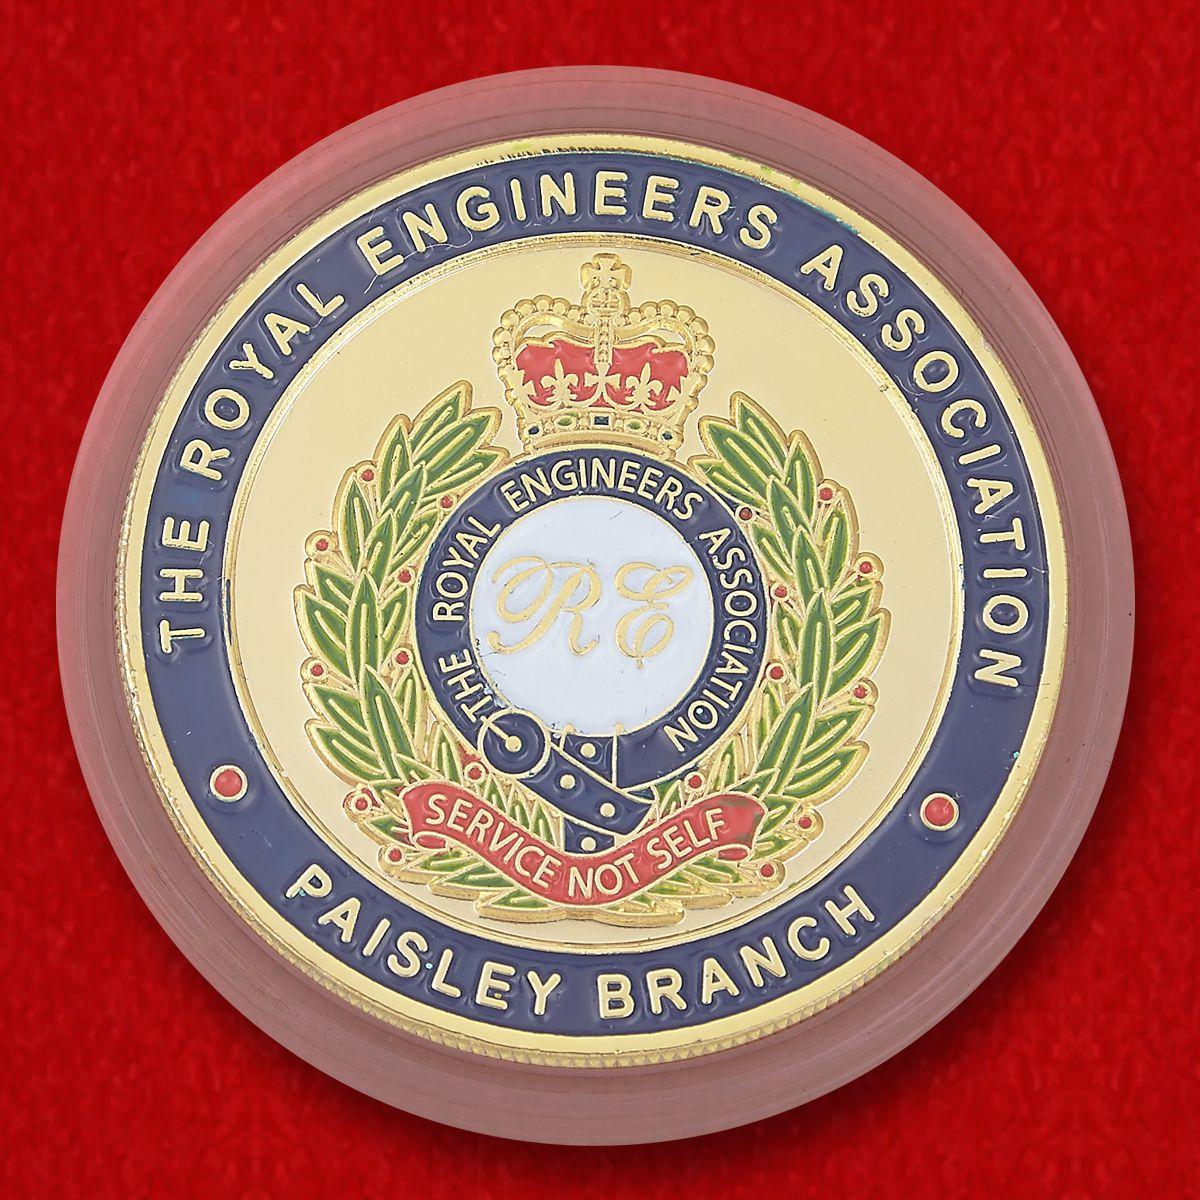 Челлендж коин филиала Общества Королевских инженеров (в отставке) в Пейсли